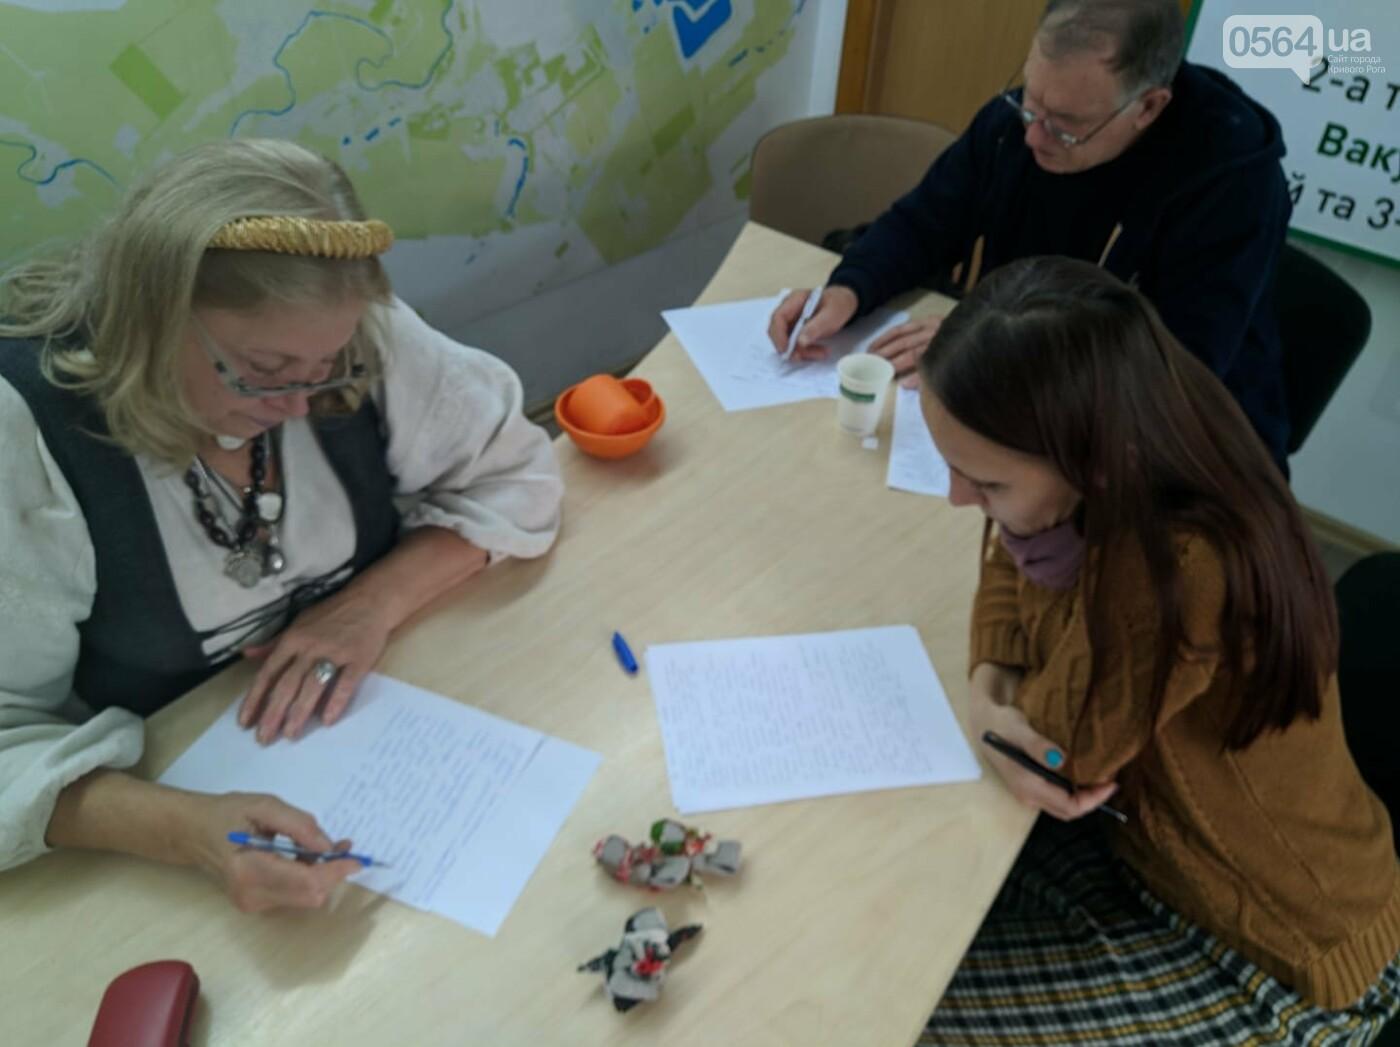 Как криворожане писали Всеукраинский диктант национального единства, - ФОТО, фото-4